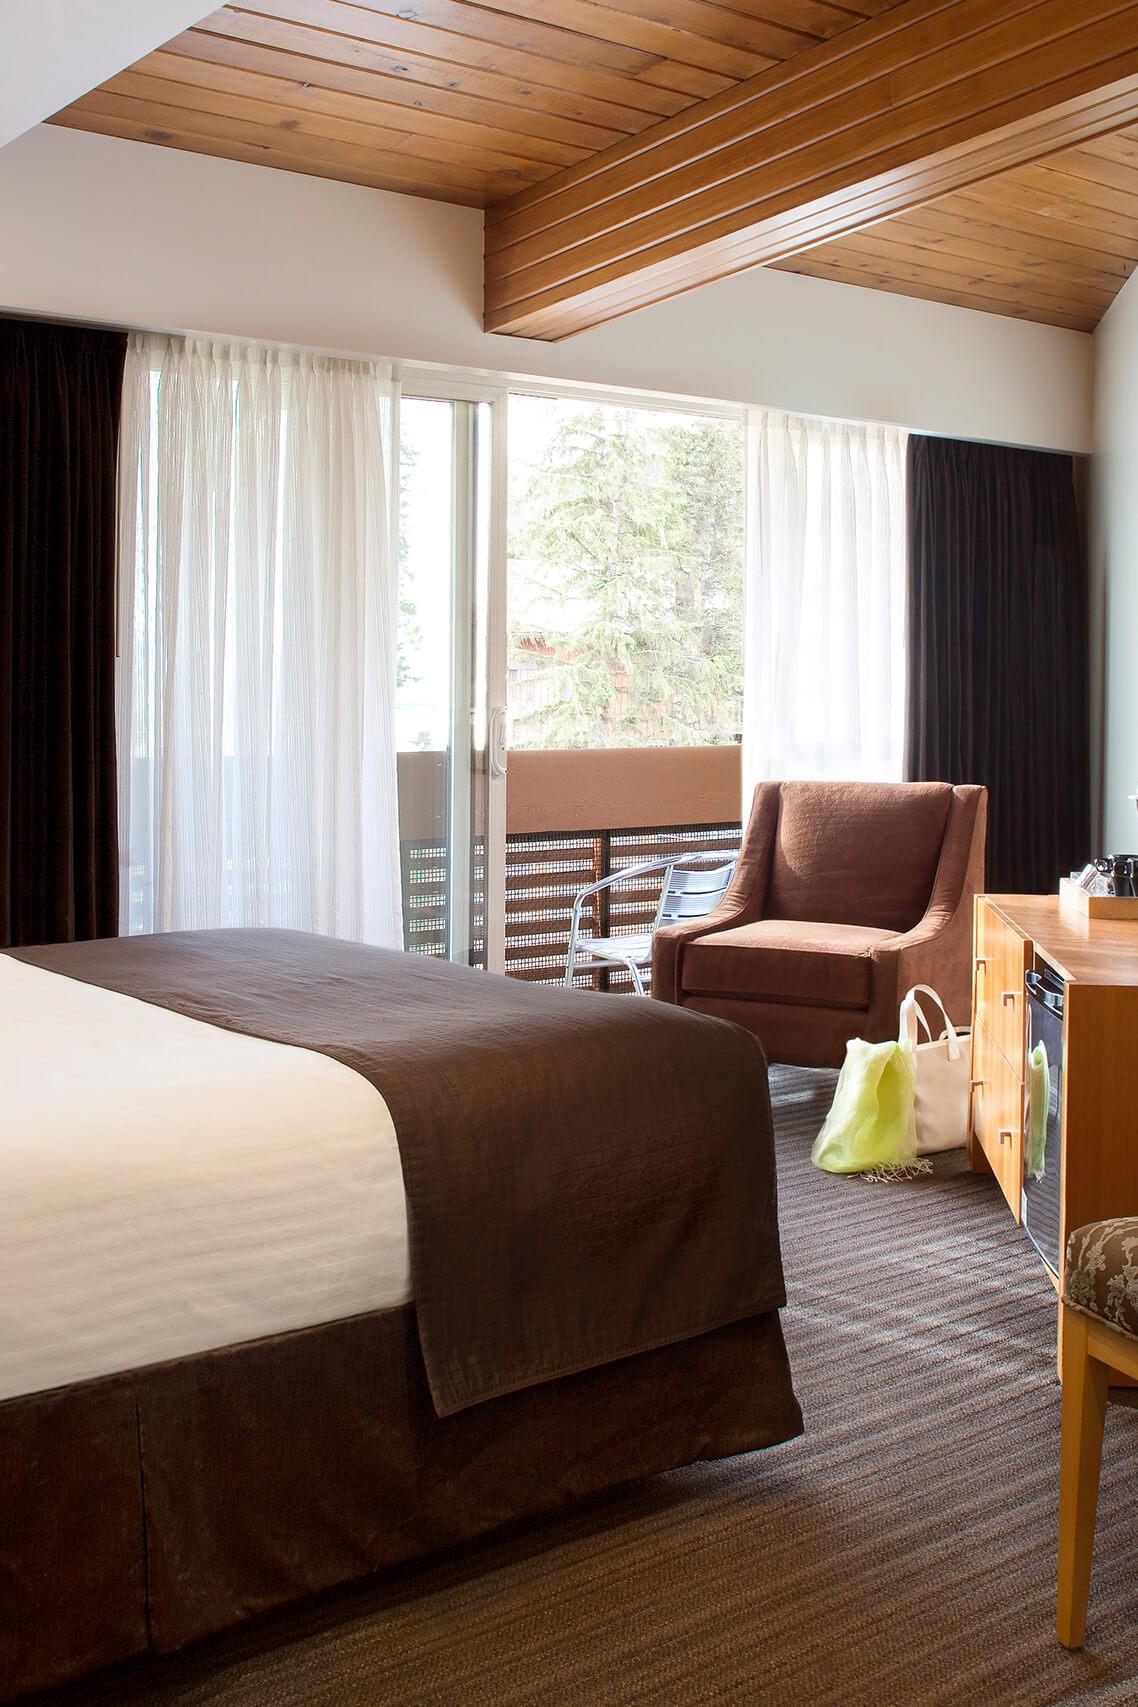 Banff Aspen Lodge Superior Queen Room